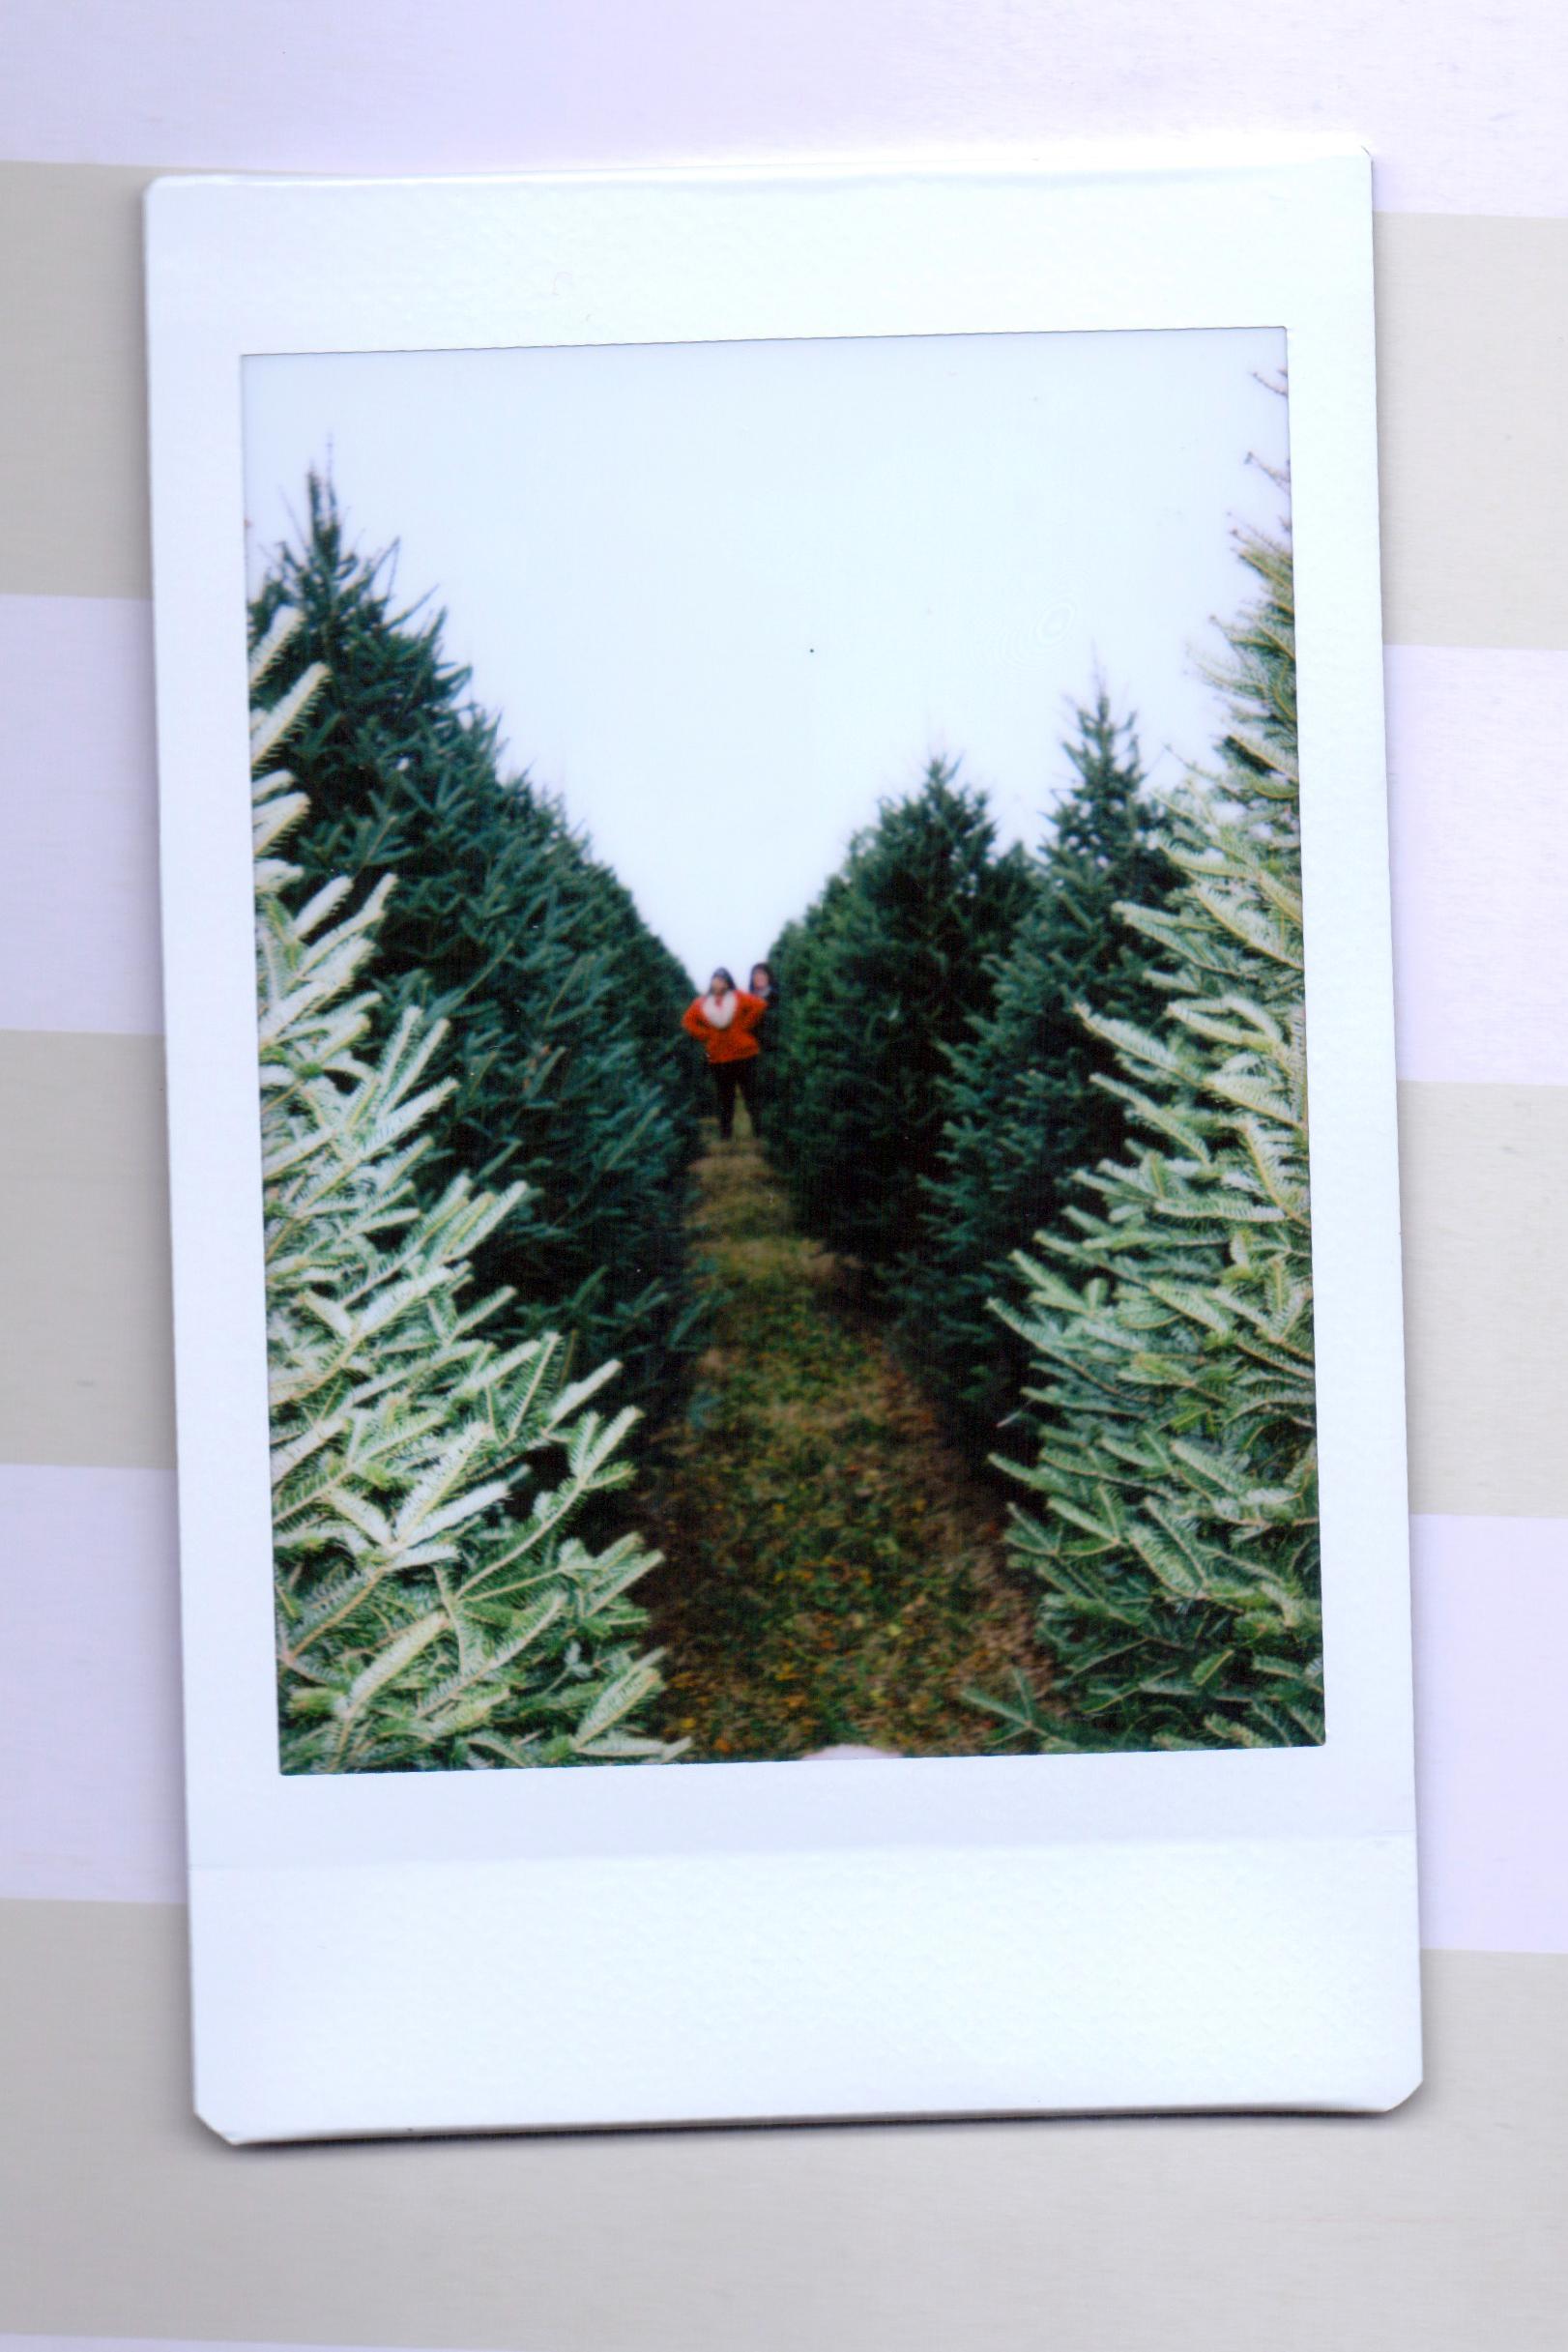 tree 4.jpeg